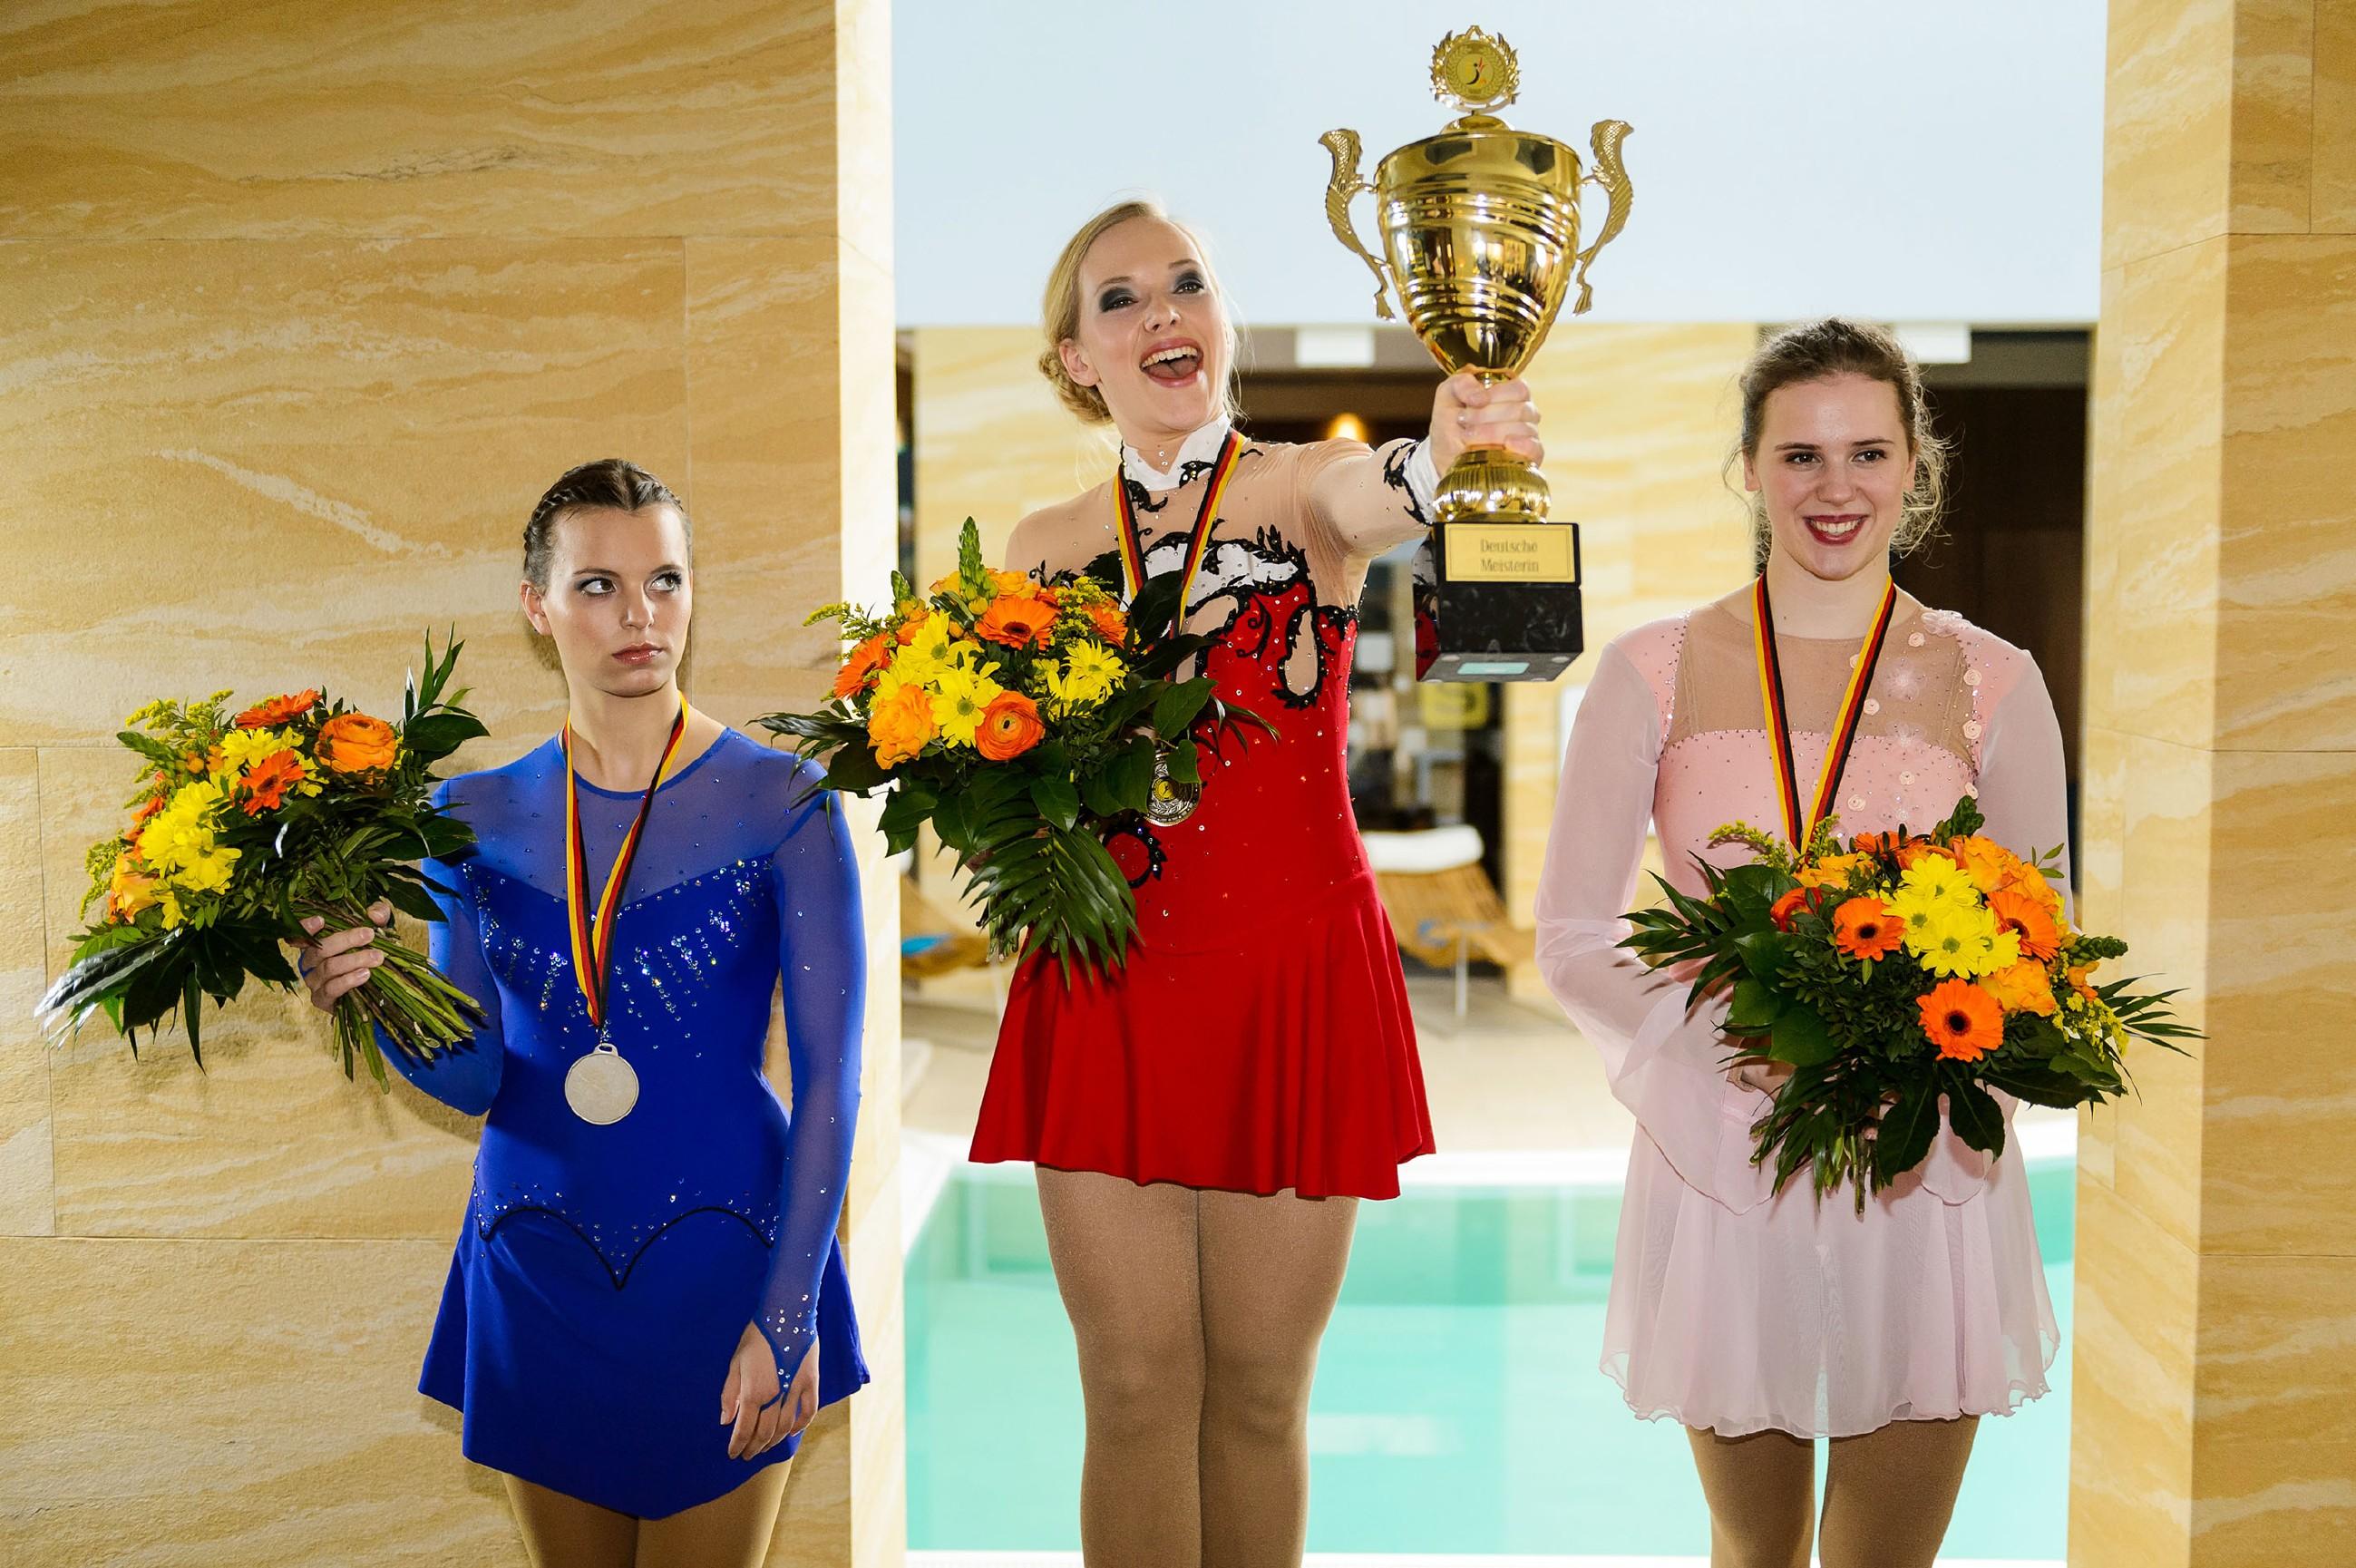 Marie (Judith Neumann, l.) und Diana (Tanja Szewczenko) wird bei der Bekanntgabe der Wertung klar, dass sie die Deutsche Meisterschaft gewonnen haben! (Quelle: RTL / Willi Weber)